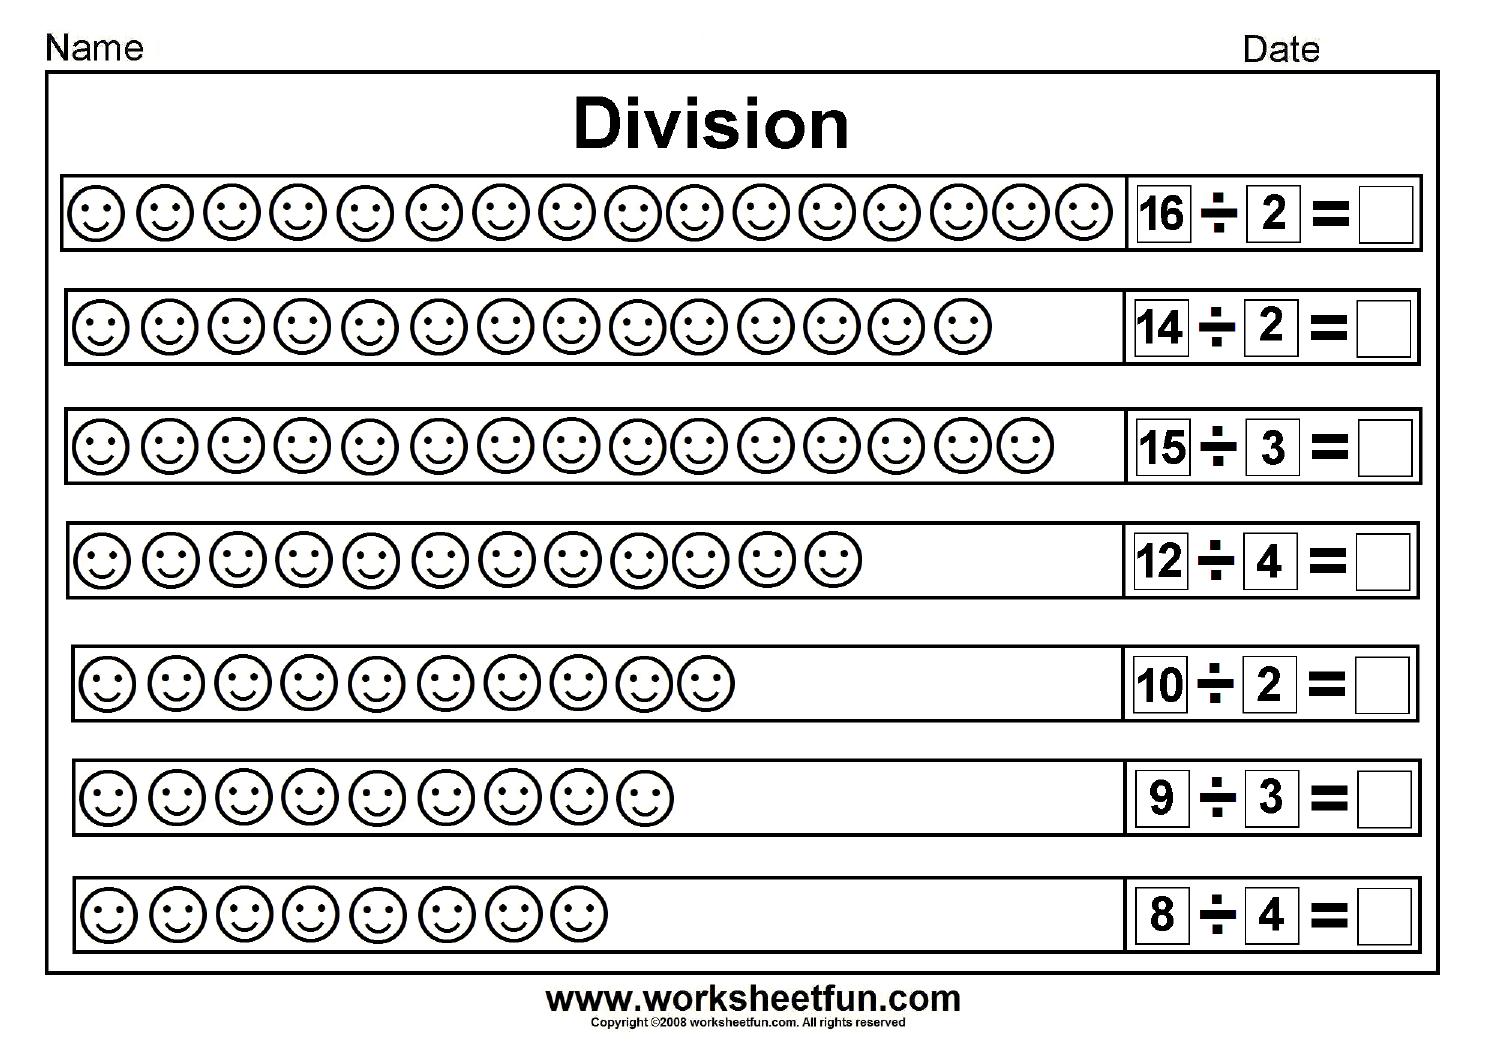 Division Worksheets 2nd Grade 515704